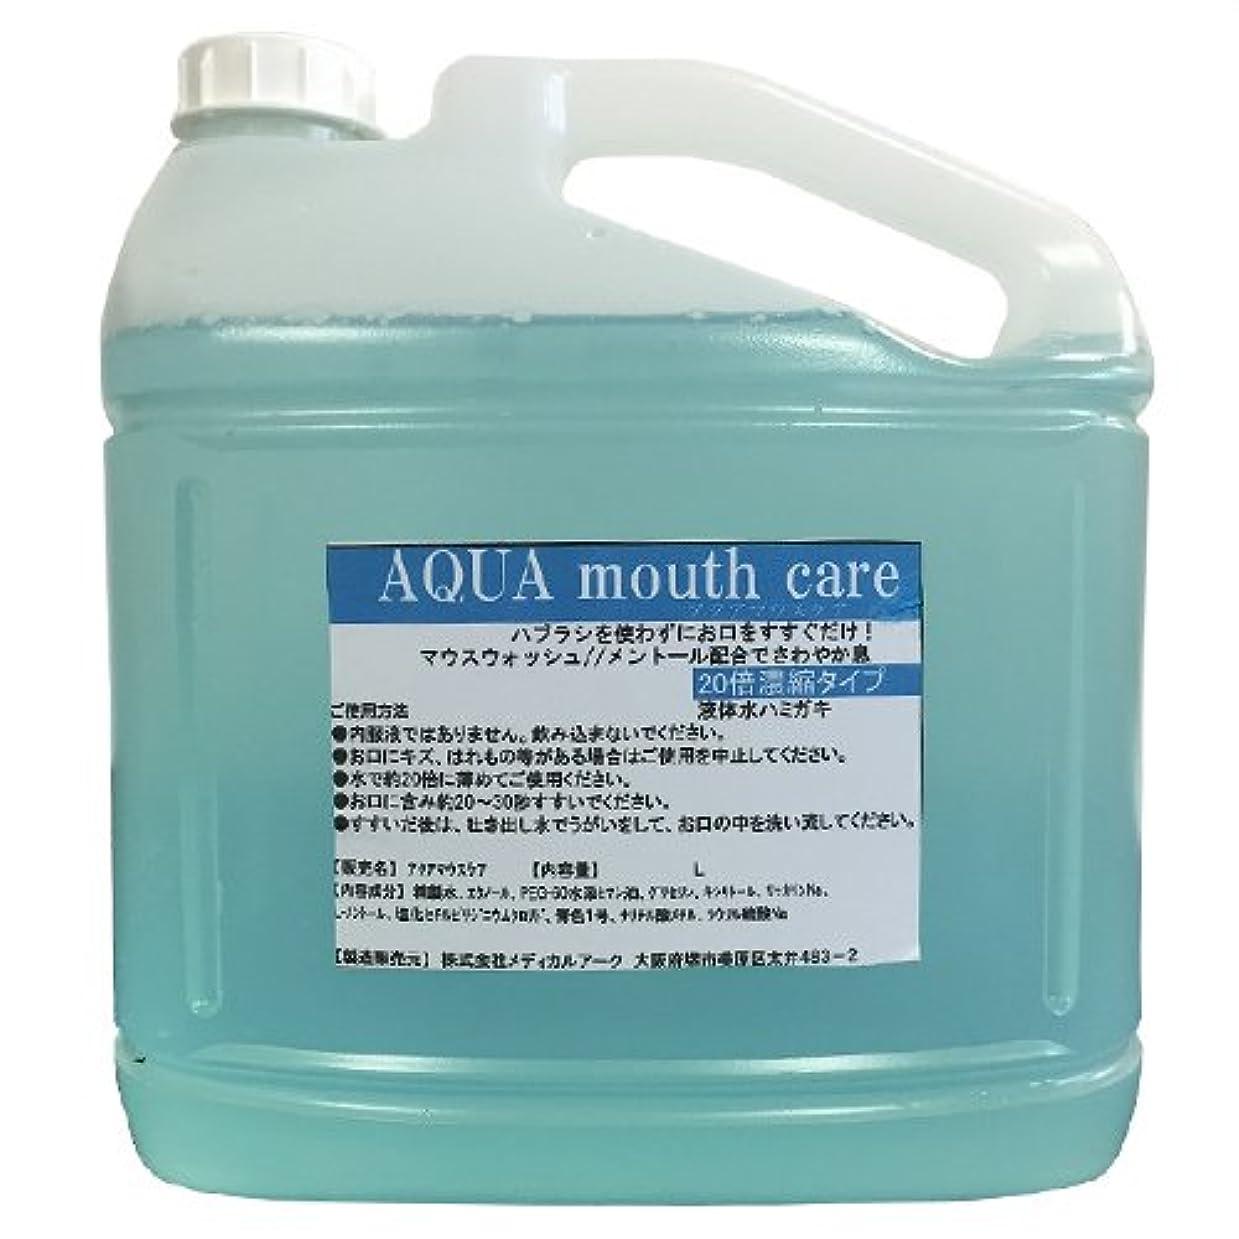 アートキャンペーン許さない業務用洗口液 マウスウォッシュ アクアマウスケア (AQUA mouth care) 20倍濃縮タイプ 5L (詰め替えコック付き)